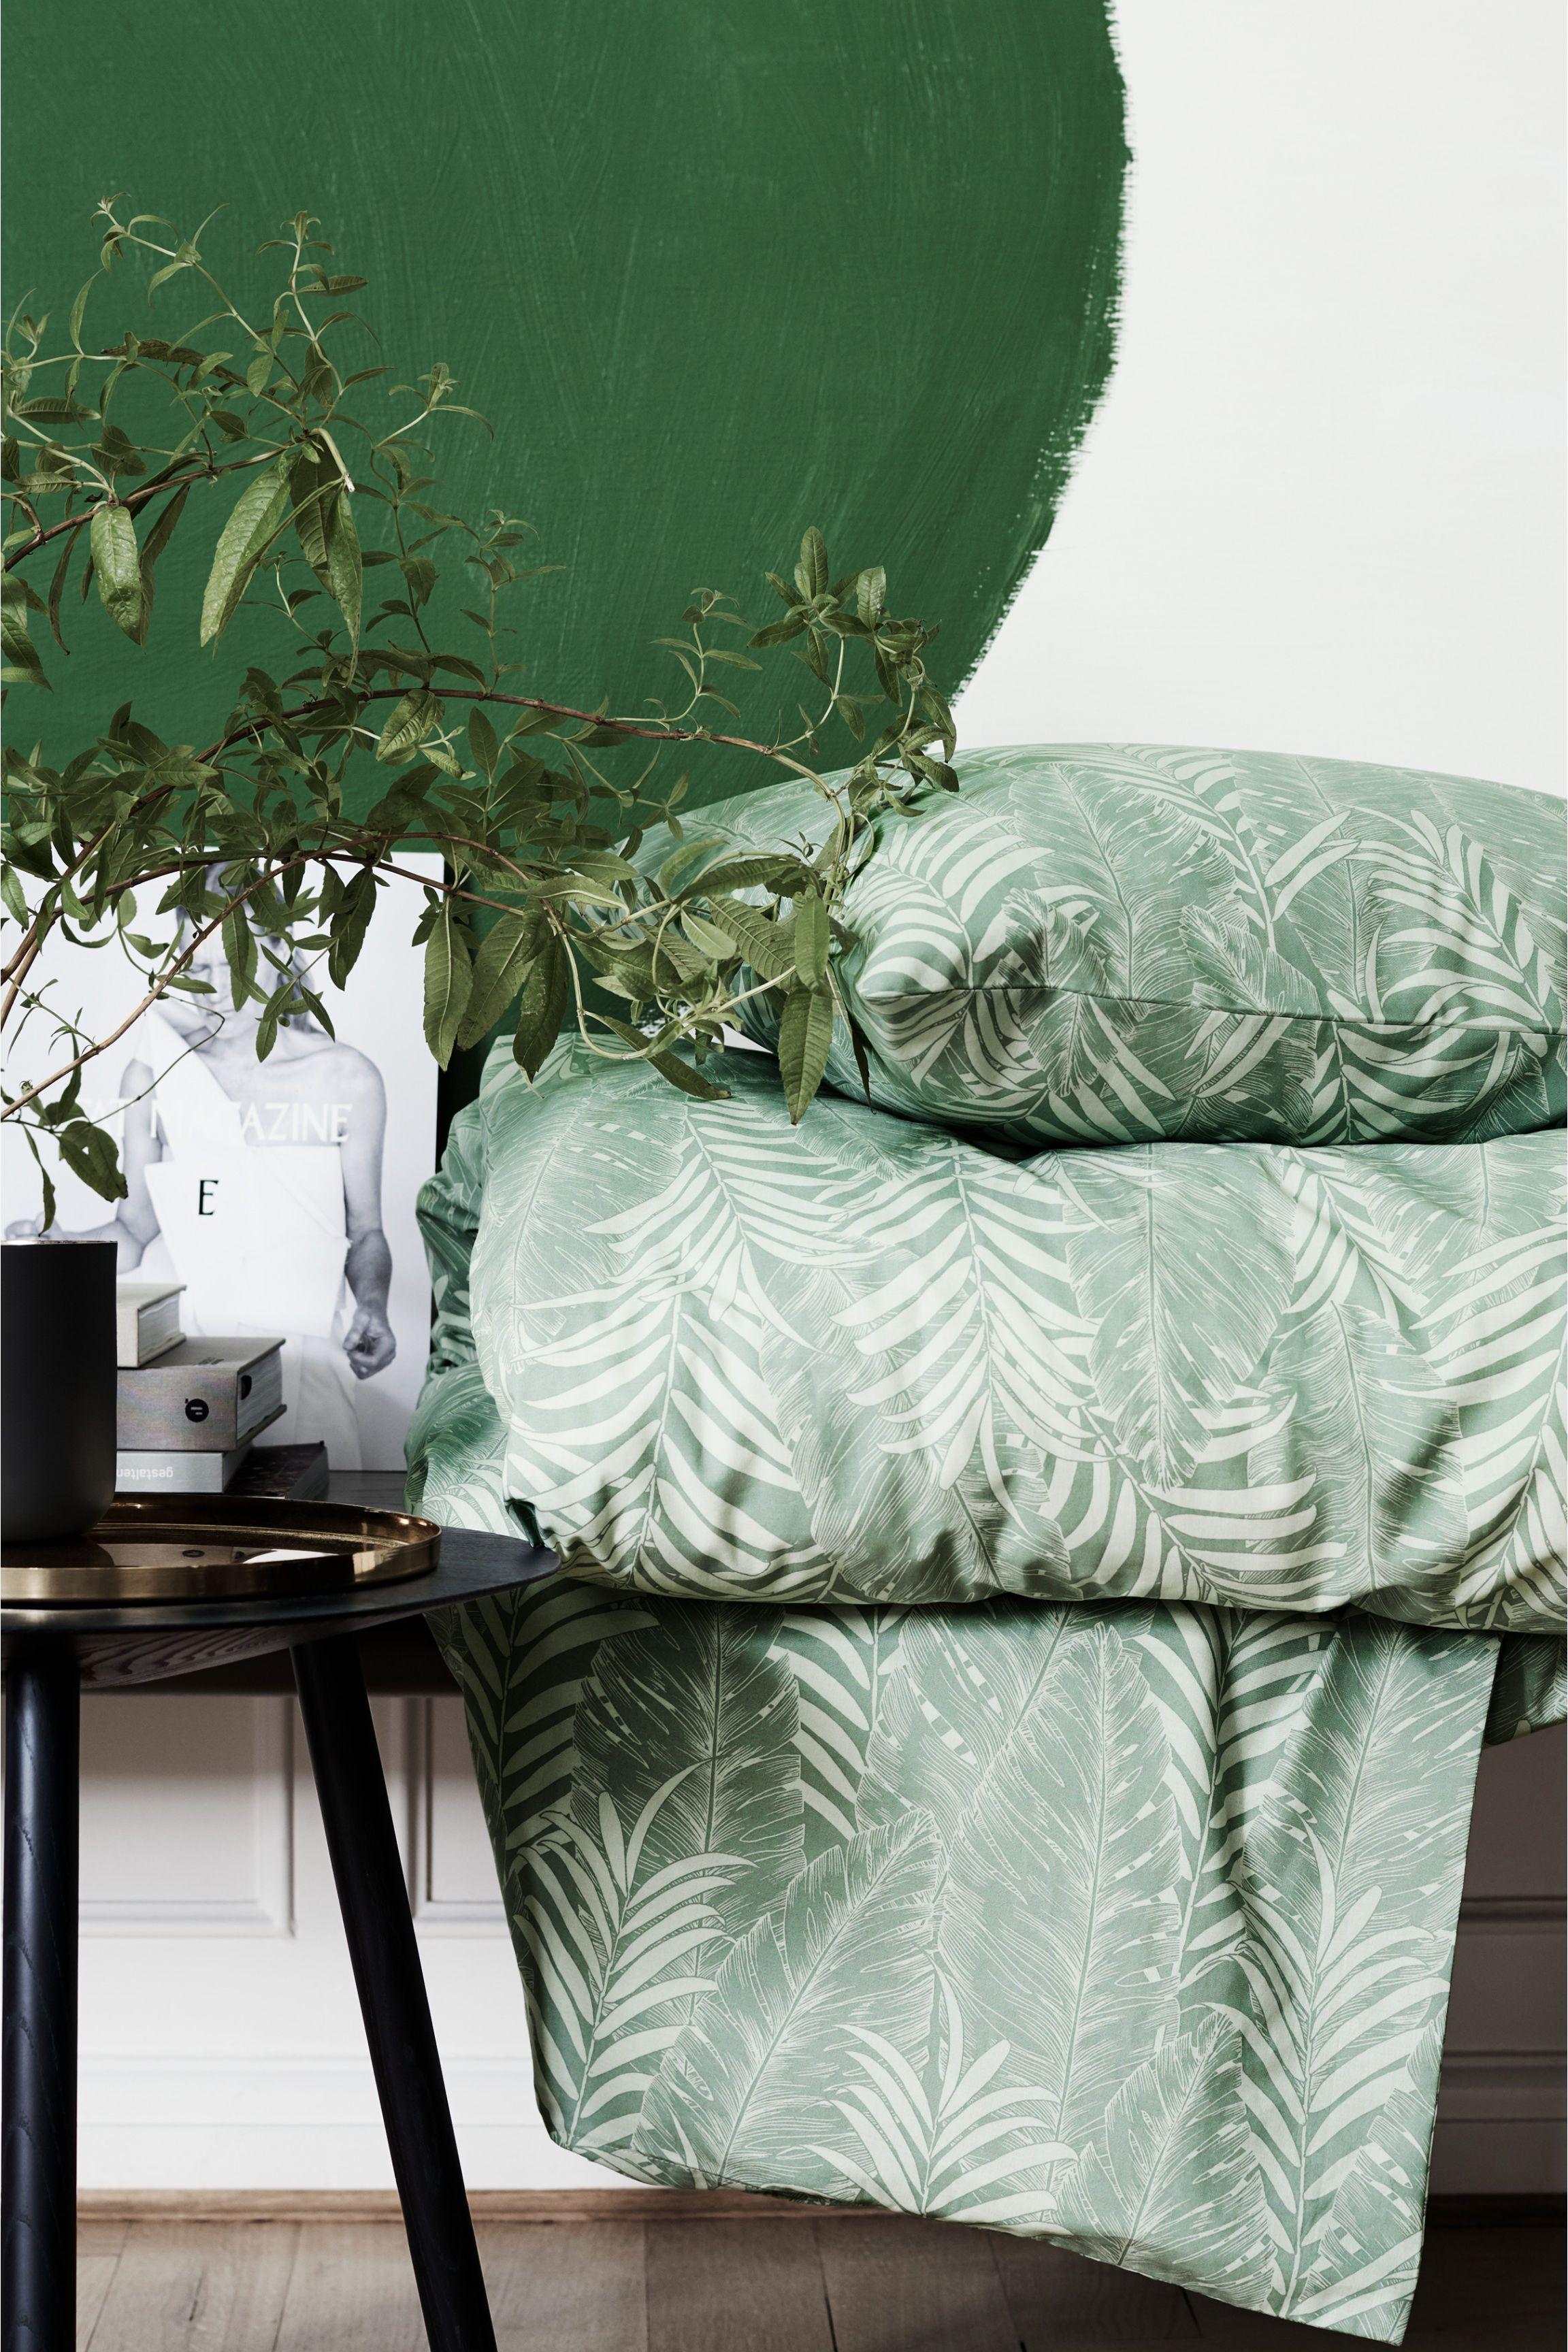 4f298d50759 Funda nórdica motivo de hojas | Deco | Fundas nórdicas, Hojas verdes ...